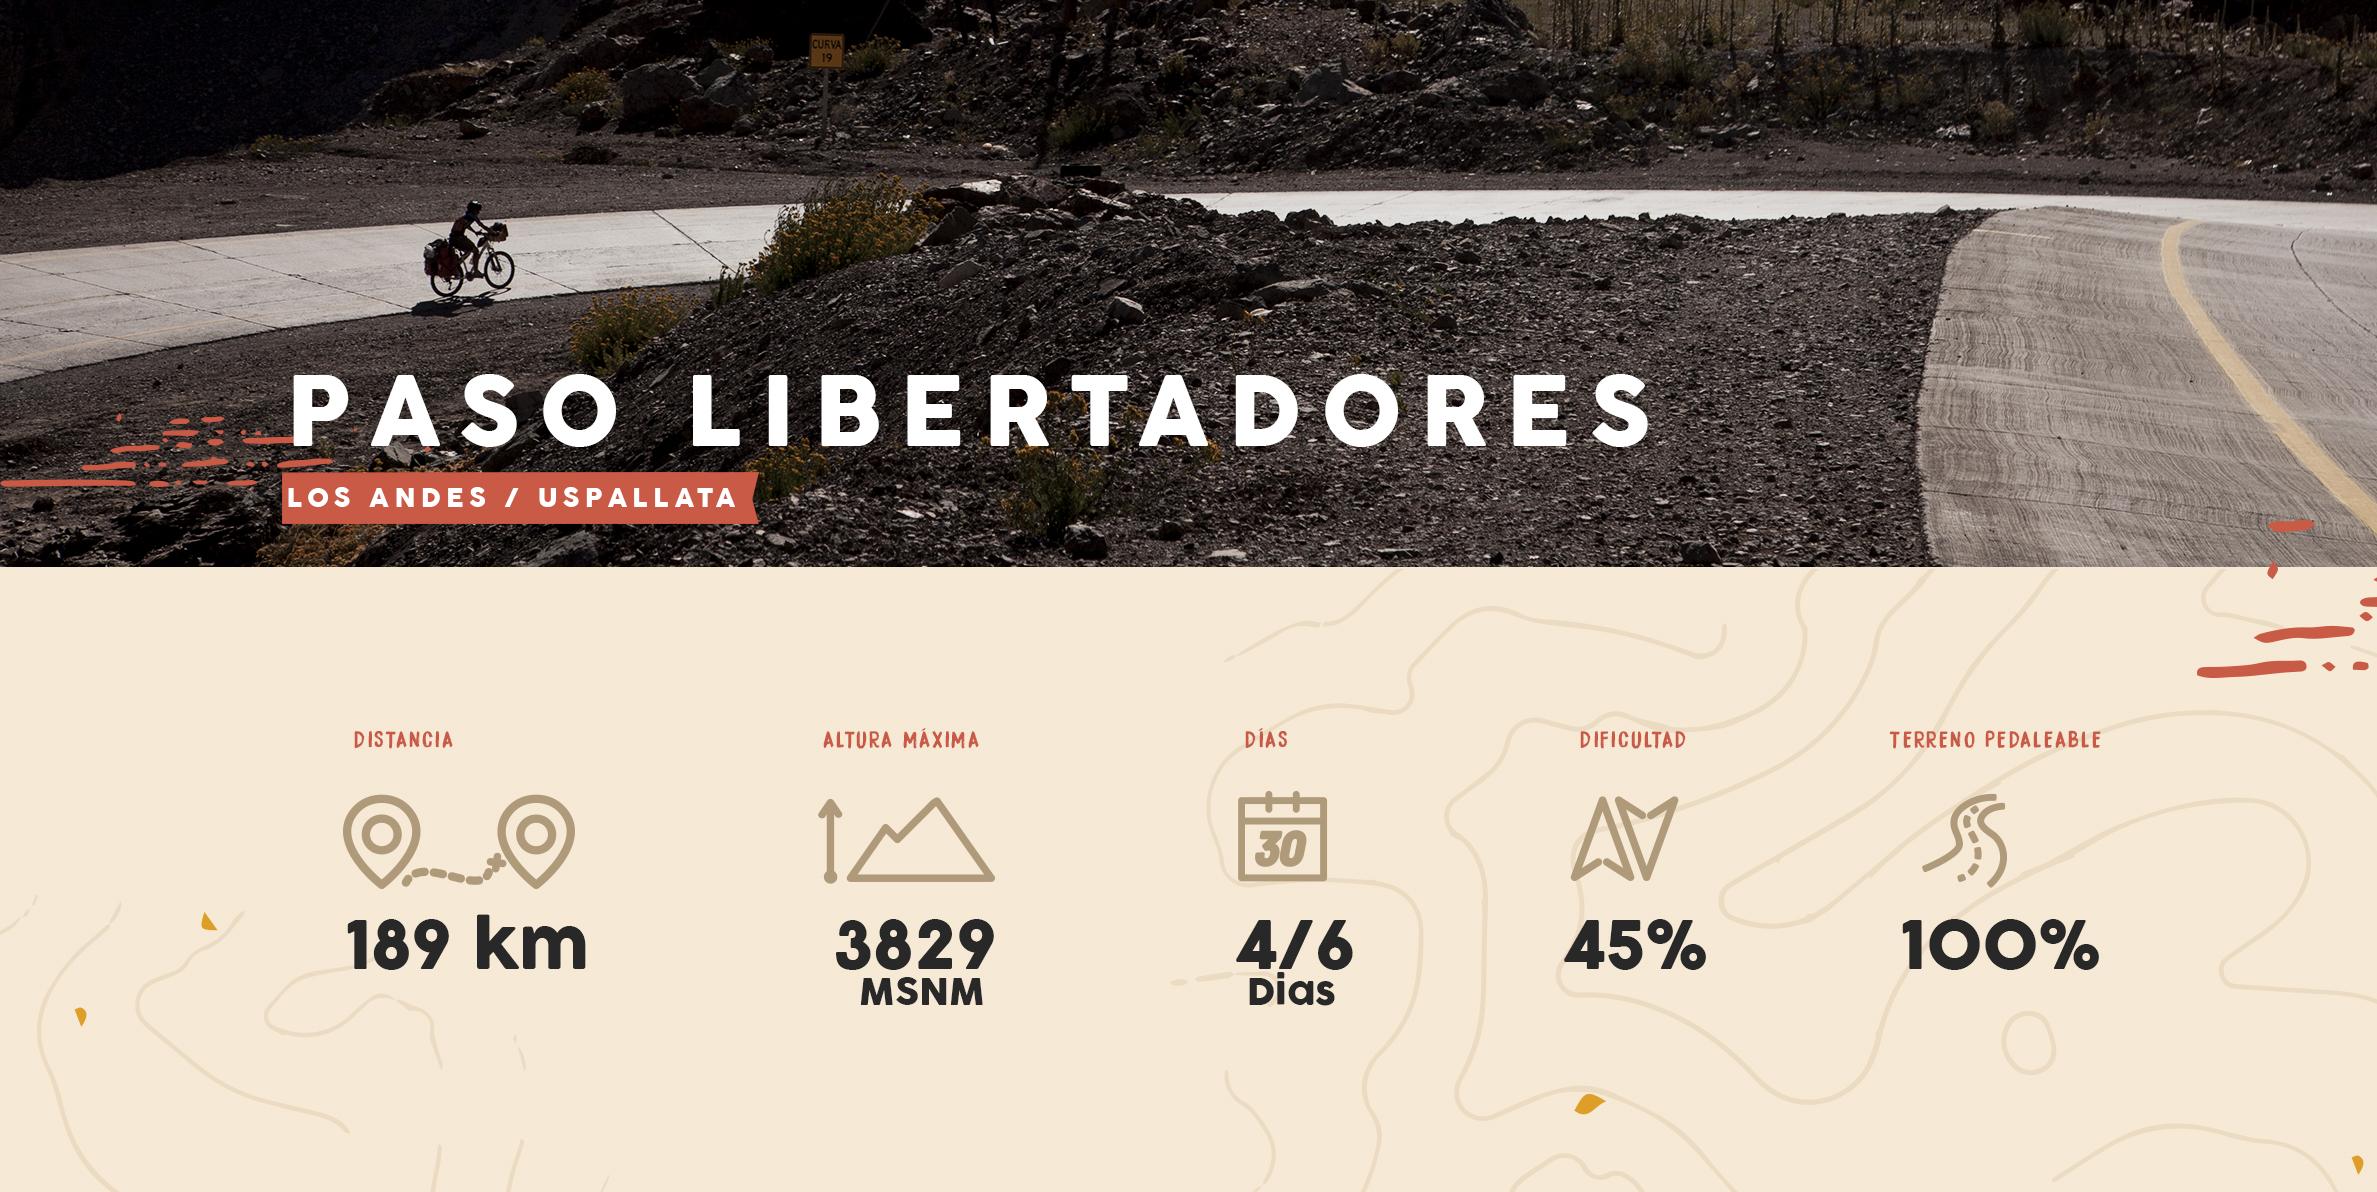 Paso Libertadores